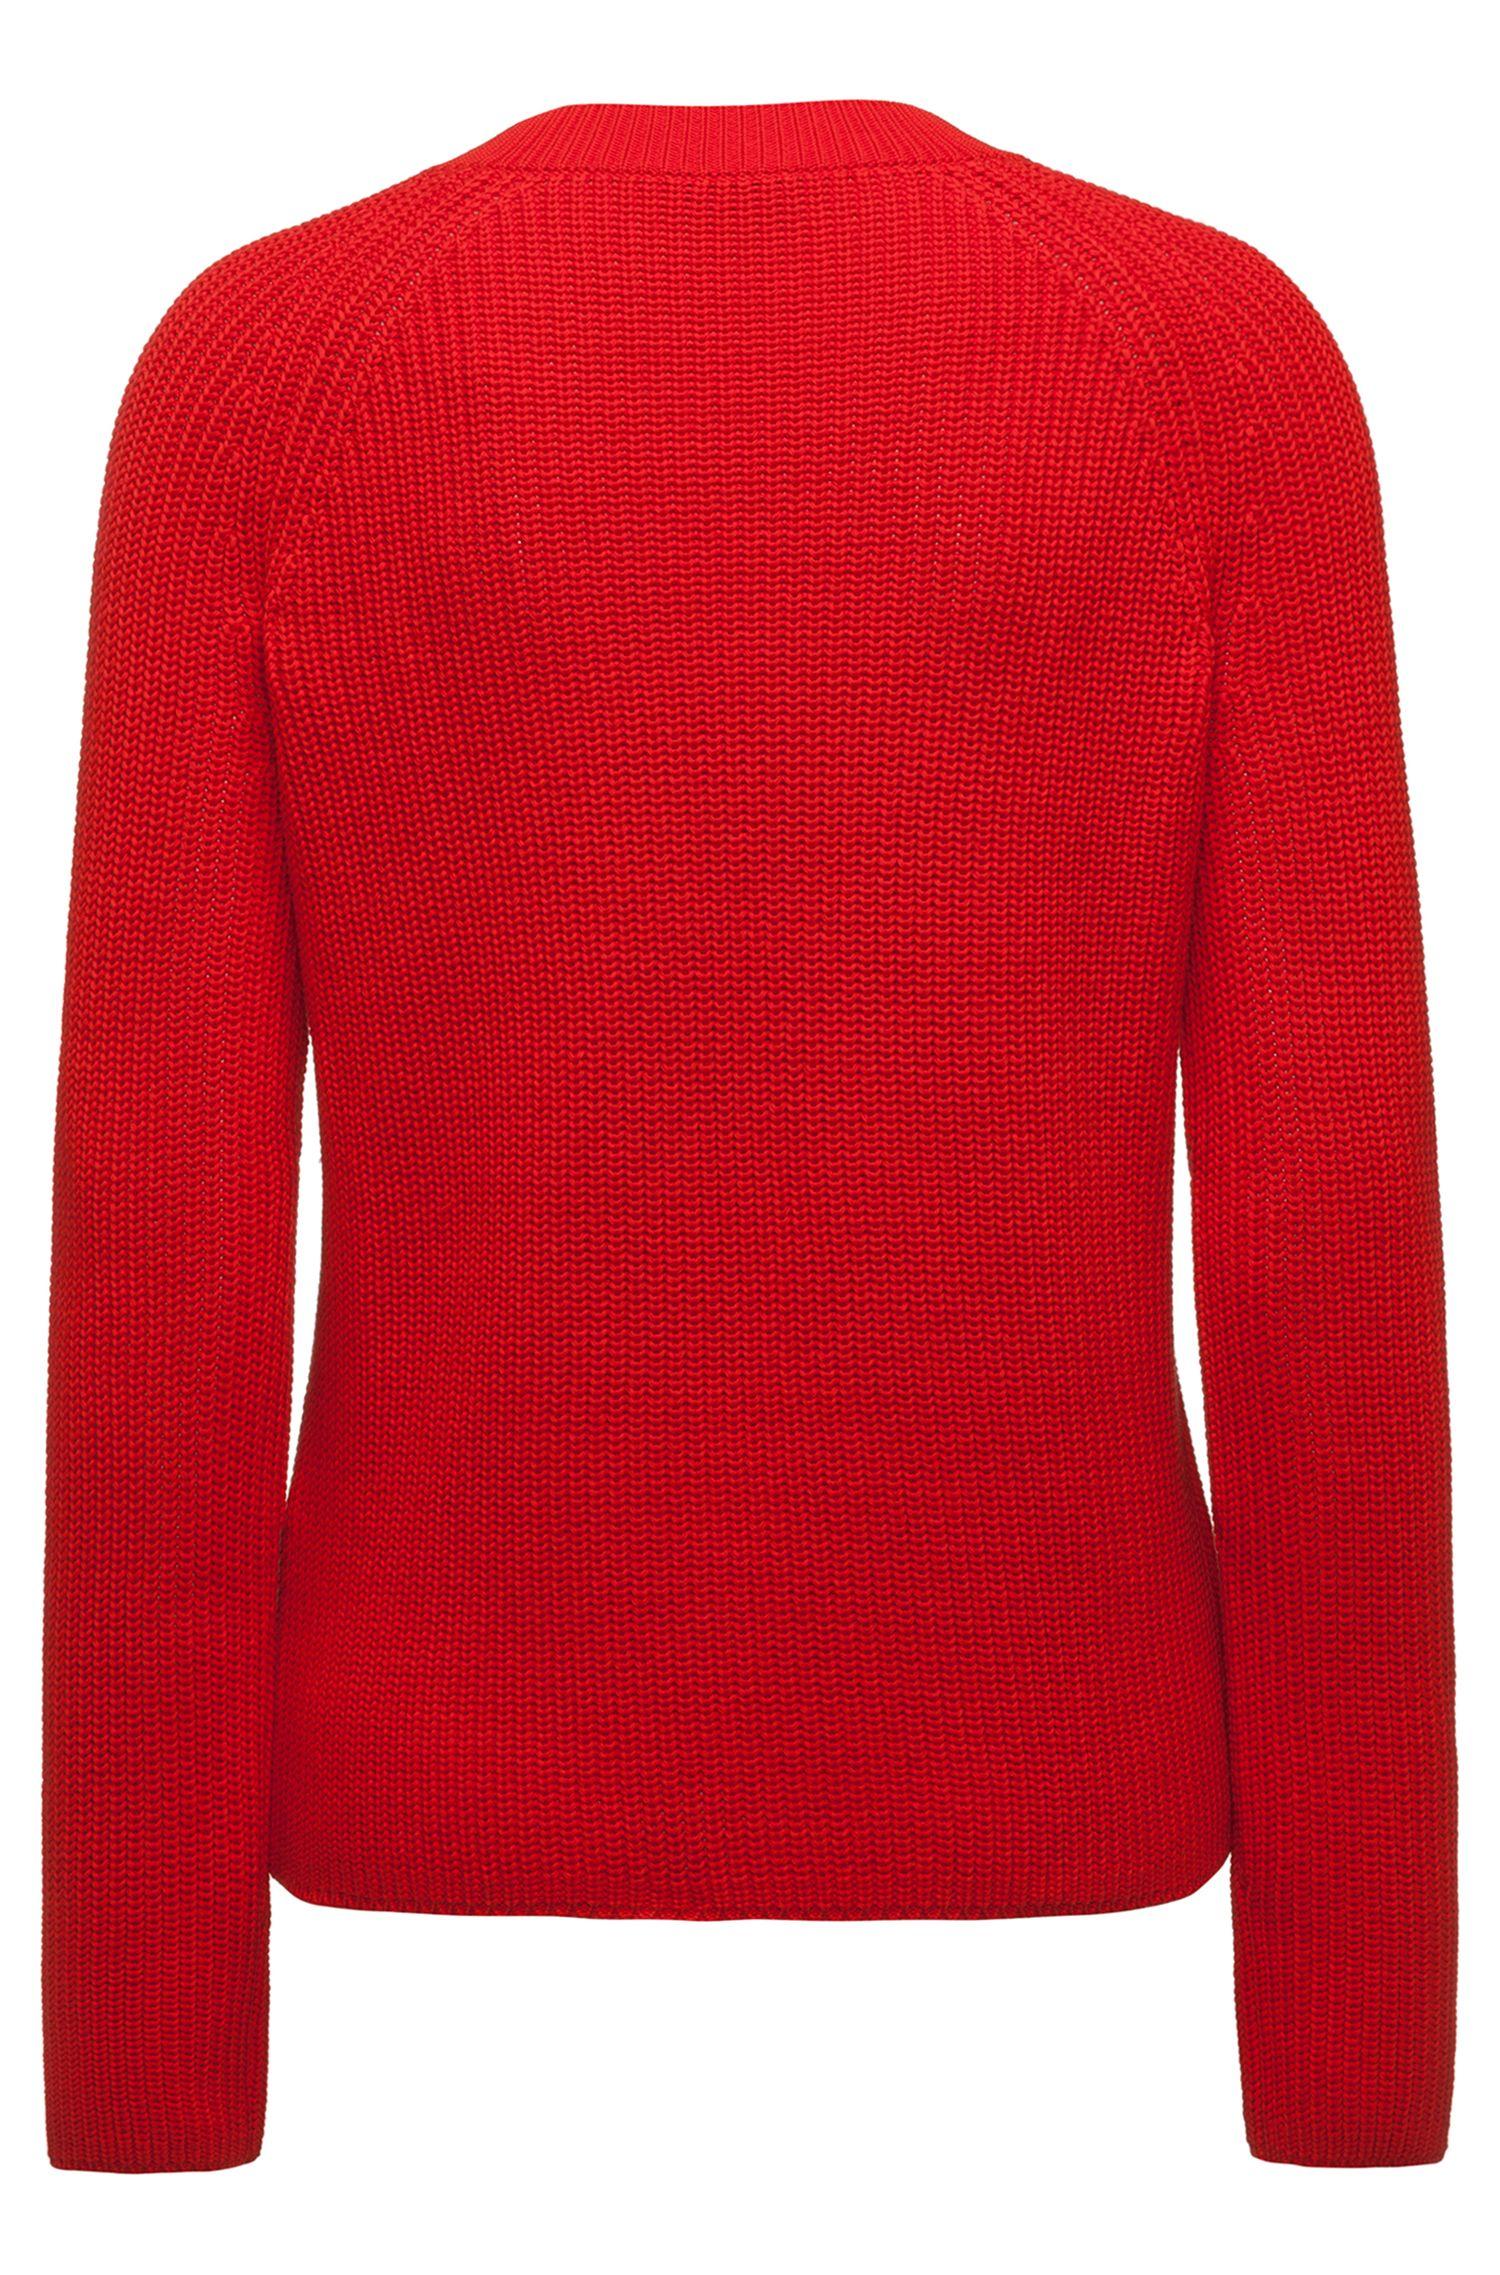 Pullover aus Baumwolle mit Reißverschluss-Detail und Logo-Band, Rot